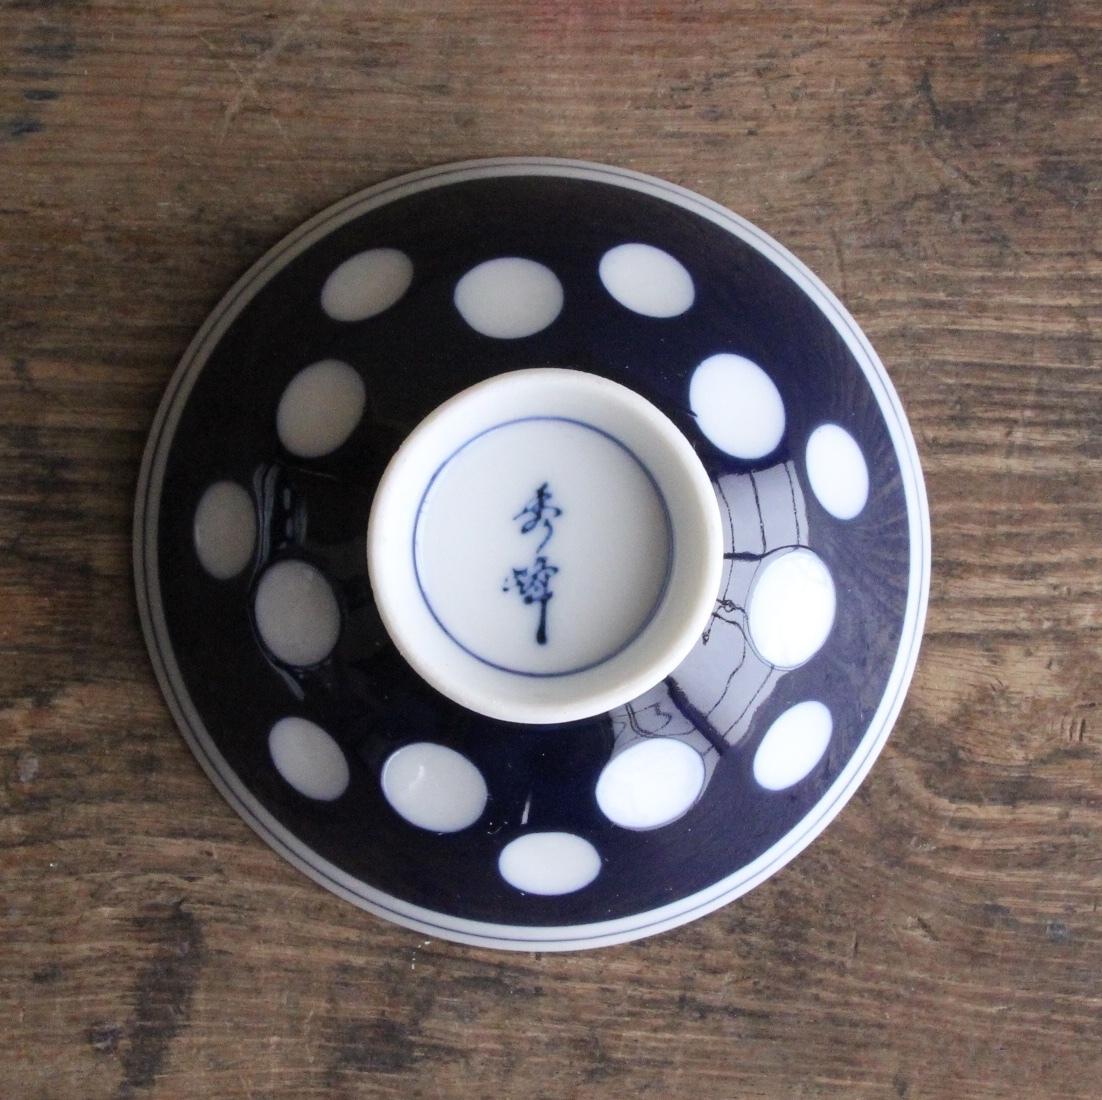 秀峰 瑠璃水玉 茶碗 在庫4客